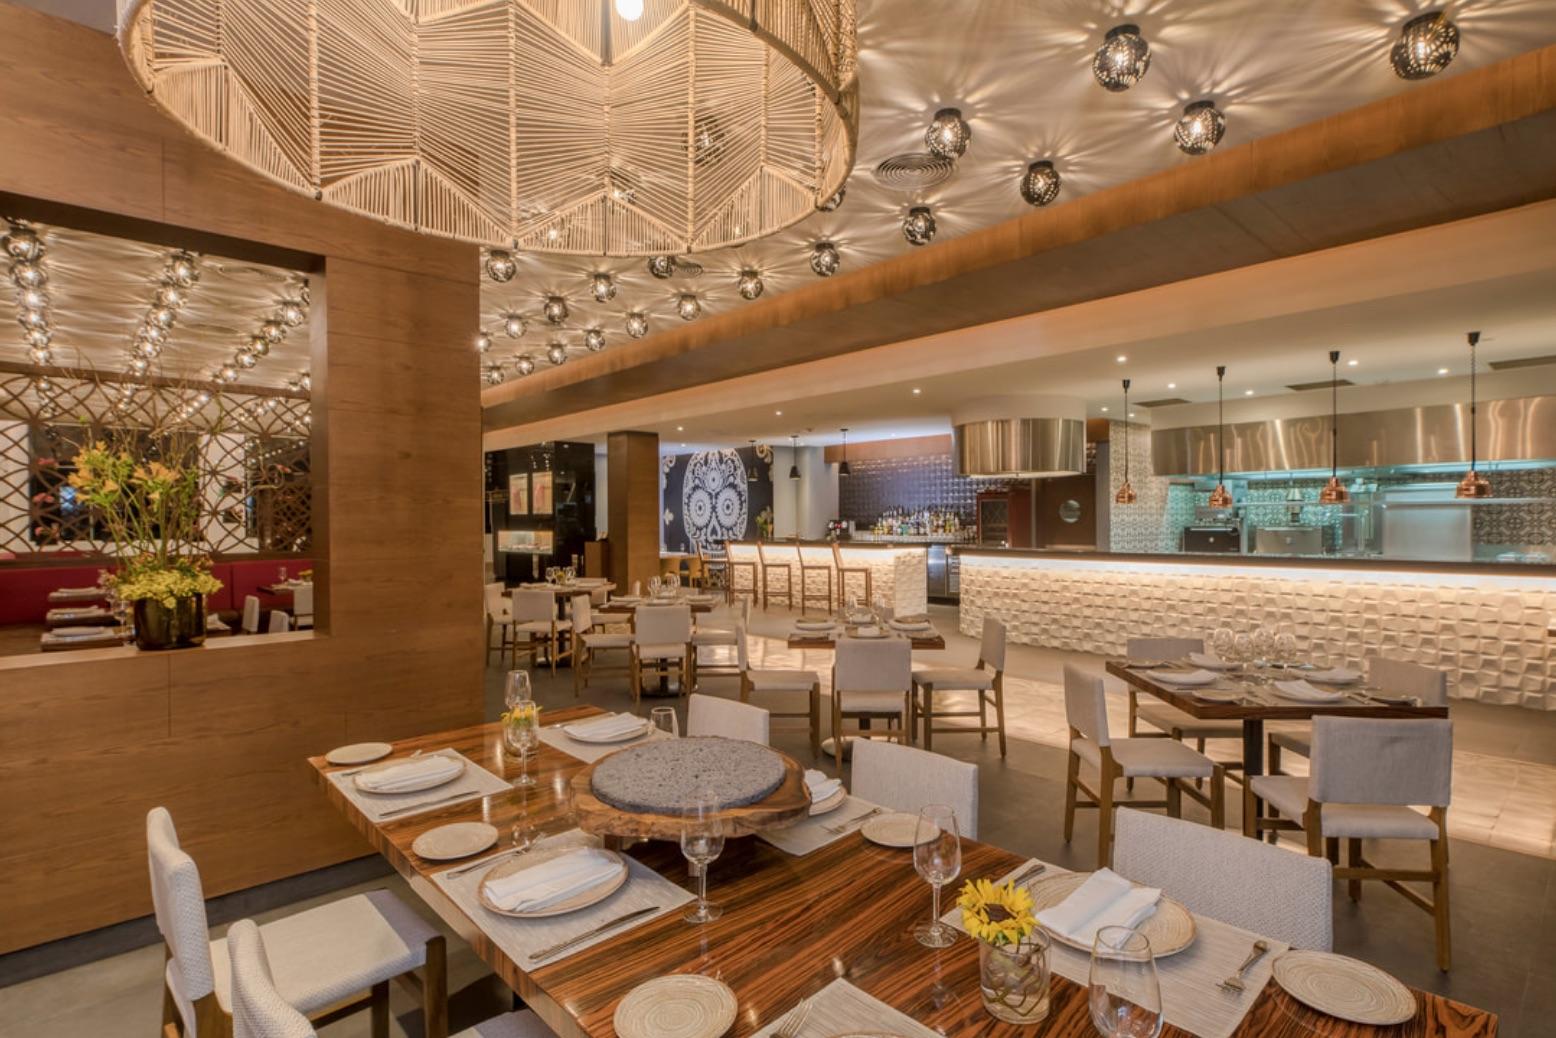 Resort Dining